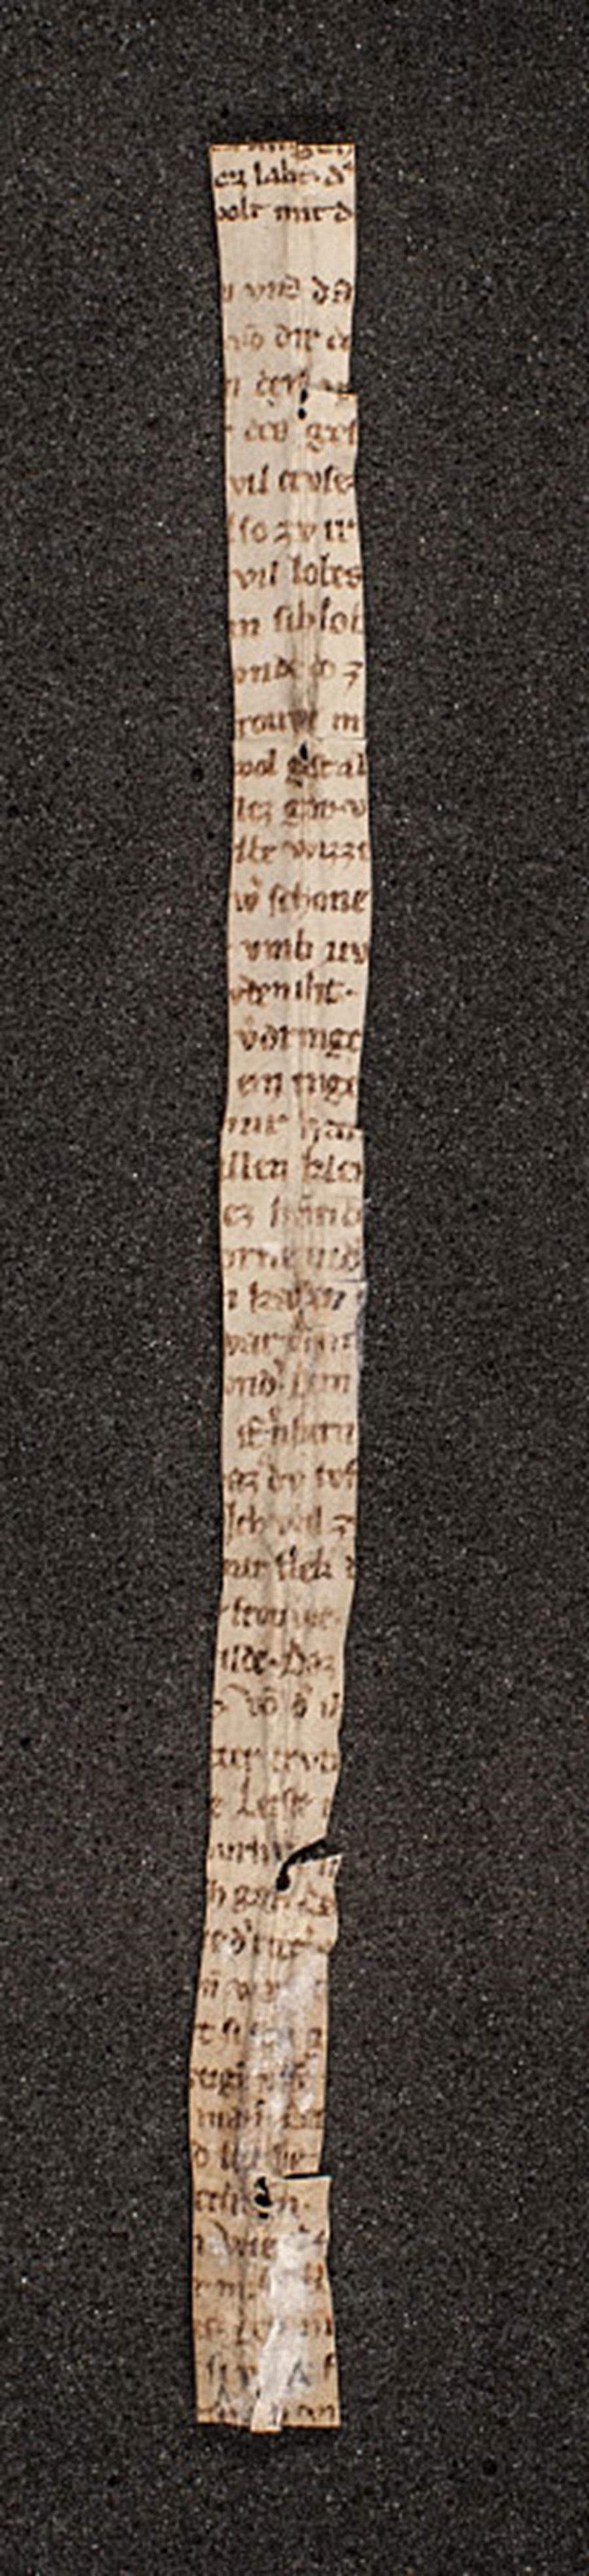 Proužek pergmanenu s fragmenty básně Der Rosendorn nedávno nalezený v knihovně kláštera v rakouském Melku, Unknown 14th-century scribe/poet. [Public domain].